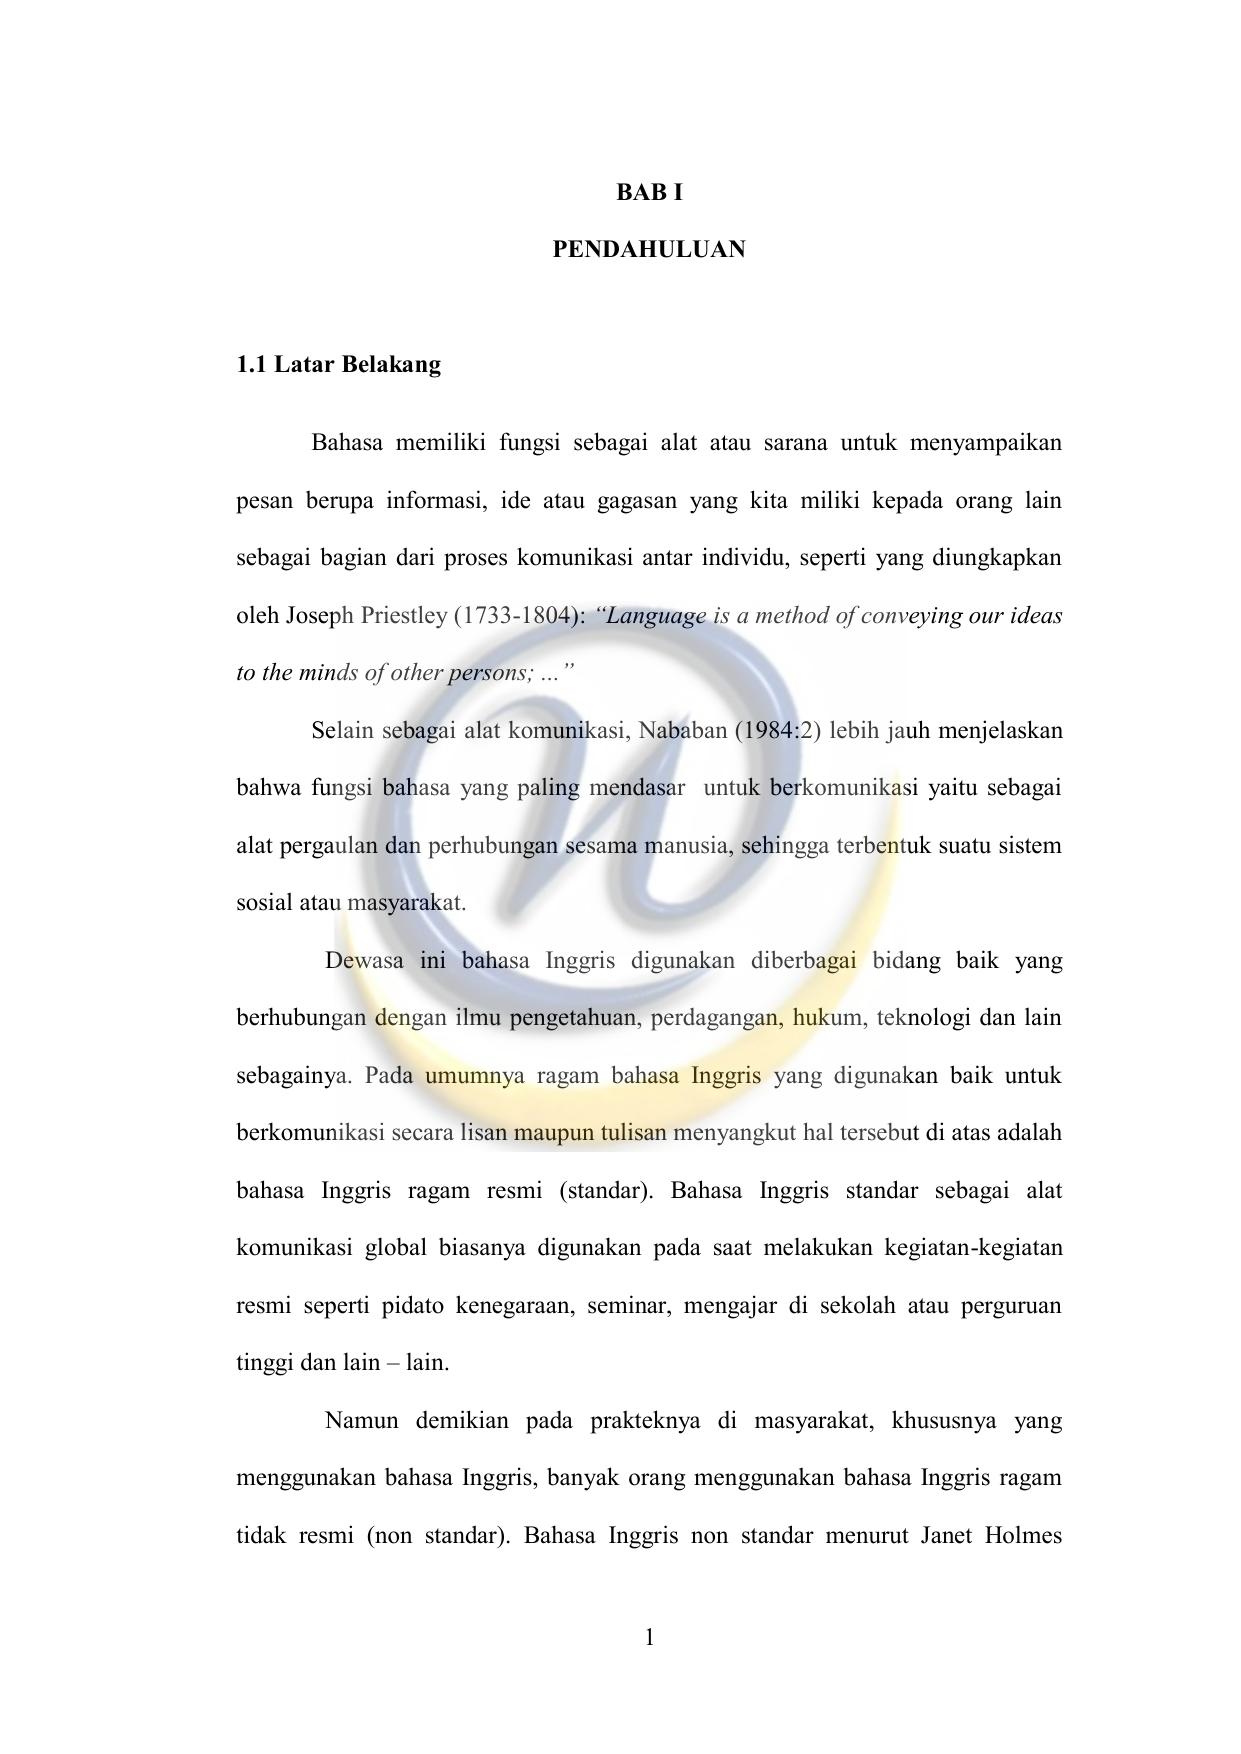 Contoh Background Skripsi Bahasa Inggris Speaking Kumpulan Berbagai Skripsi